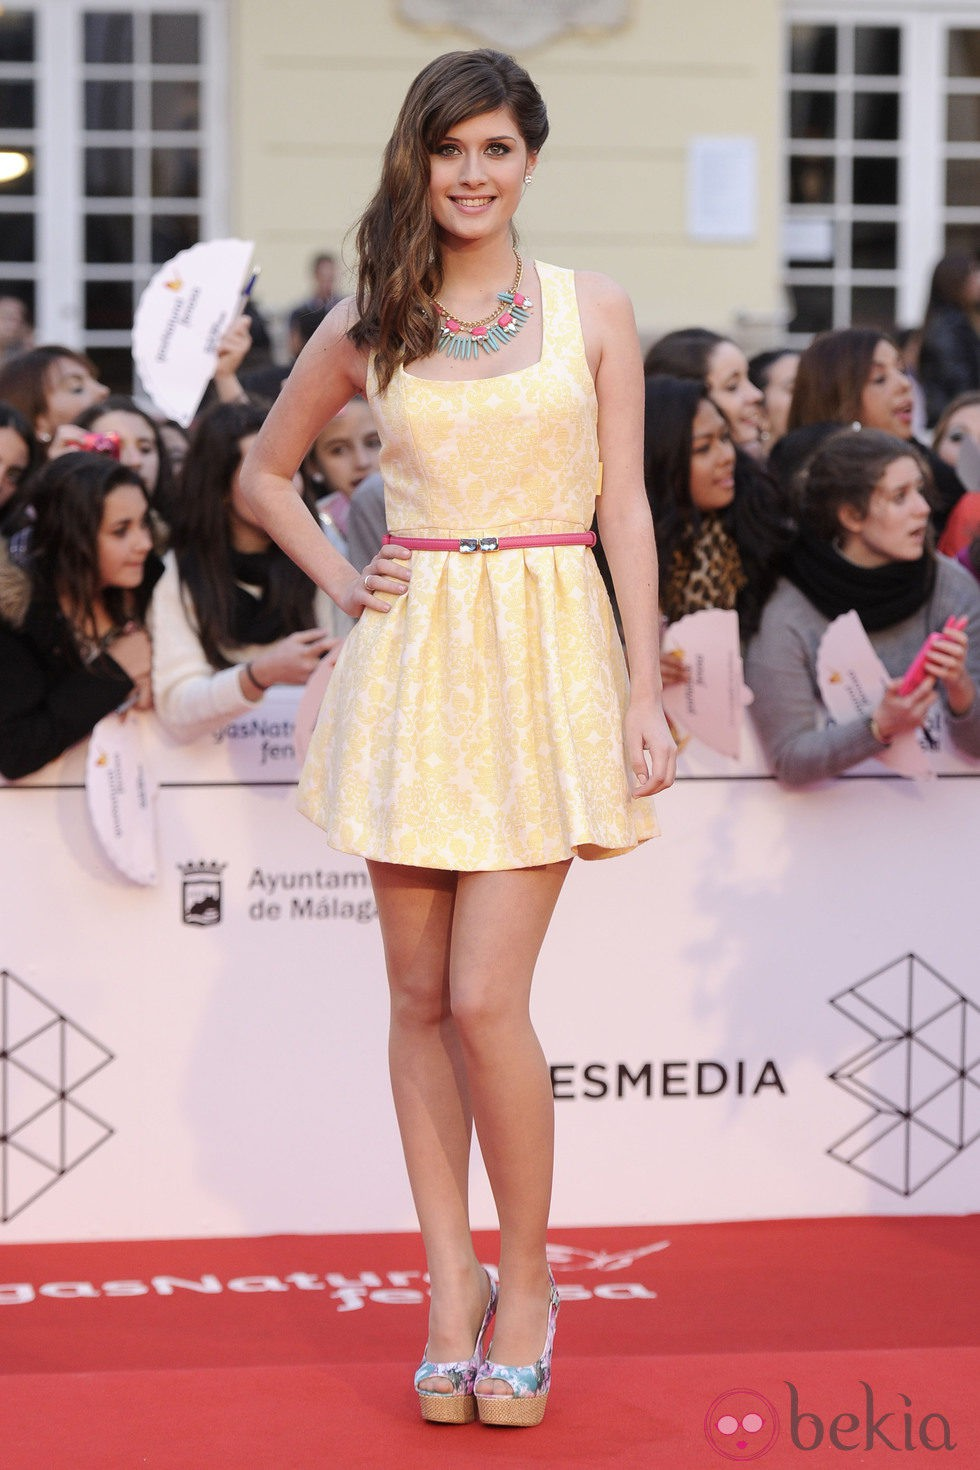 Nerea Camacho en la gala de clausura del Festival de Málaga 2014